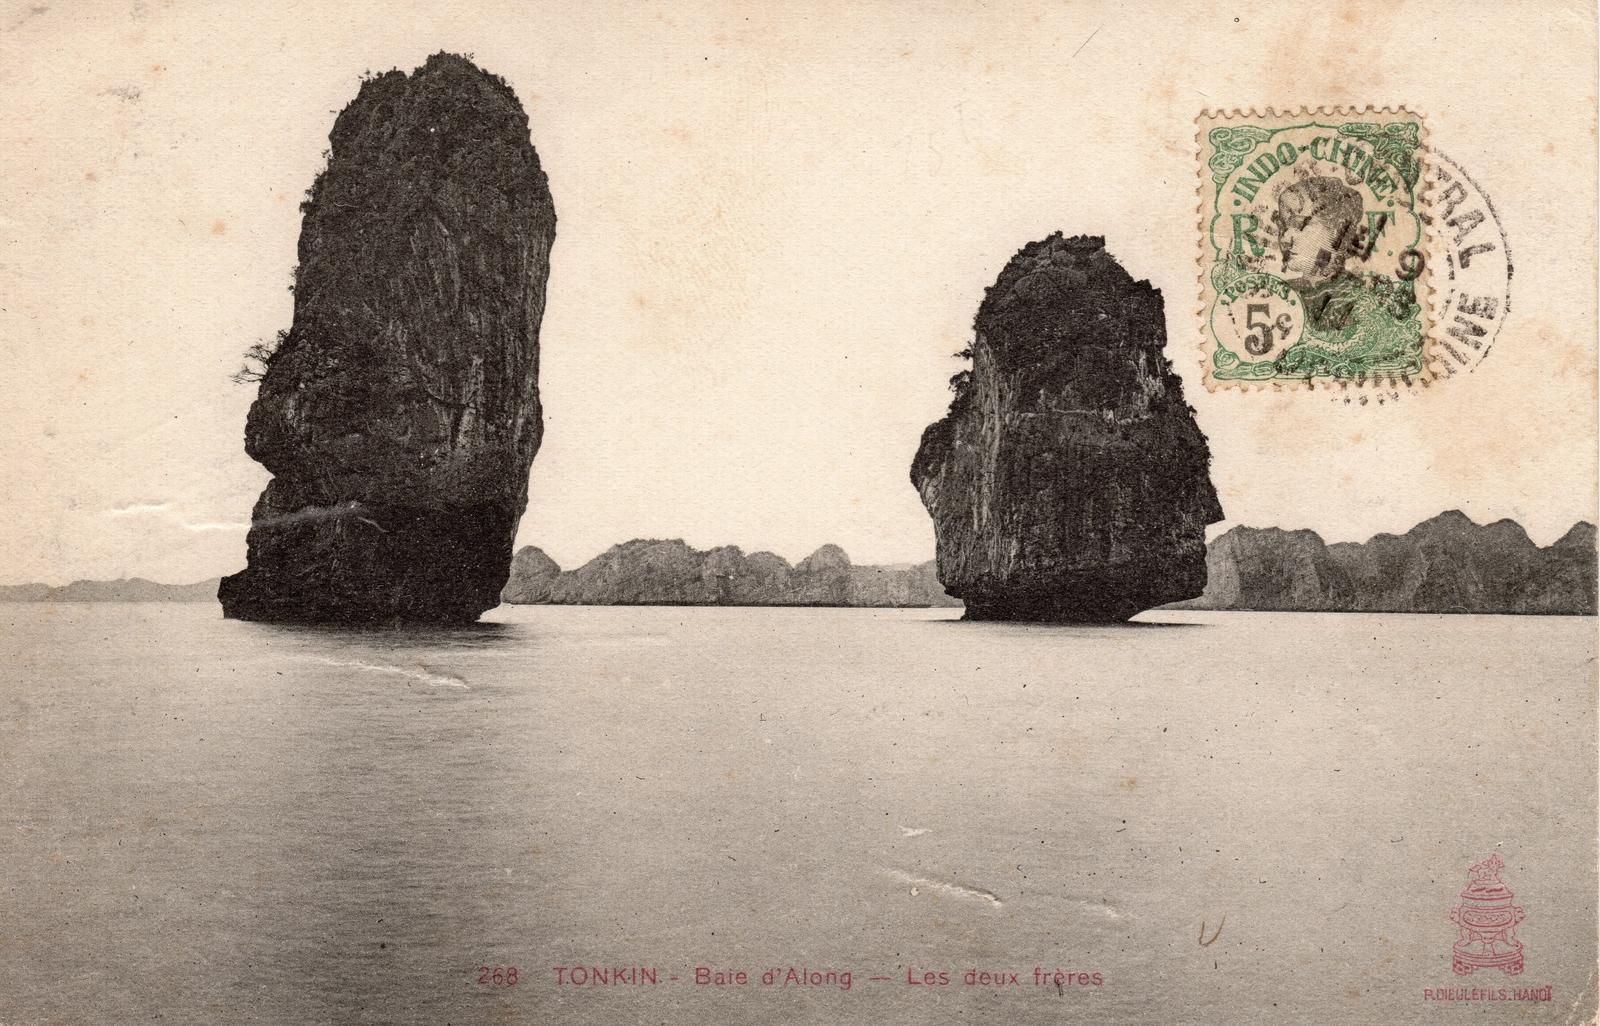 Baie d'Along -  TONKIN-Baie d'Along-Les deux frères